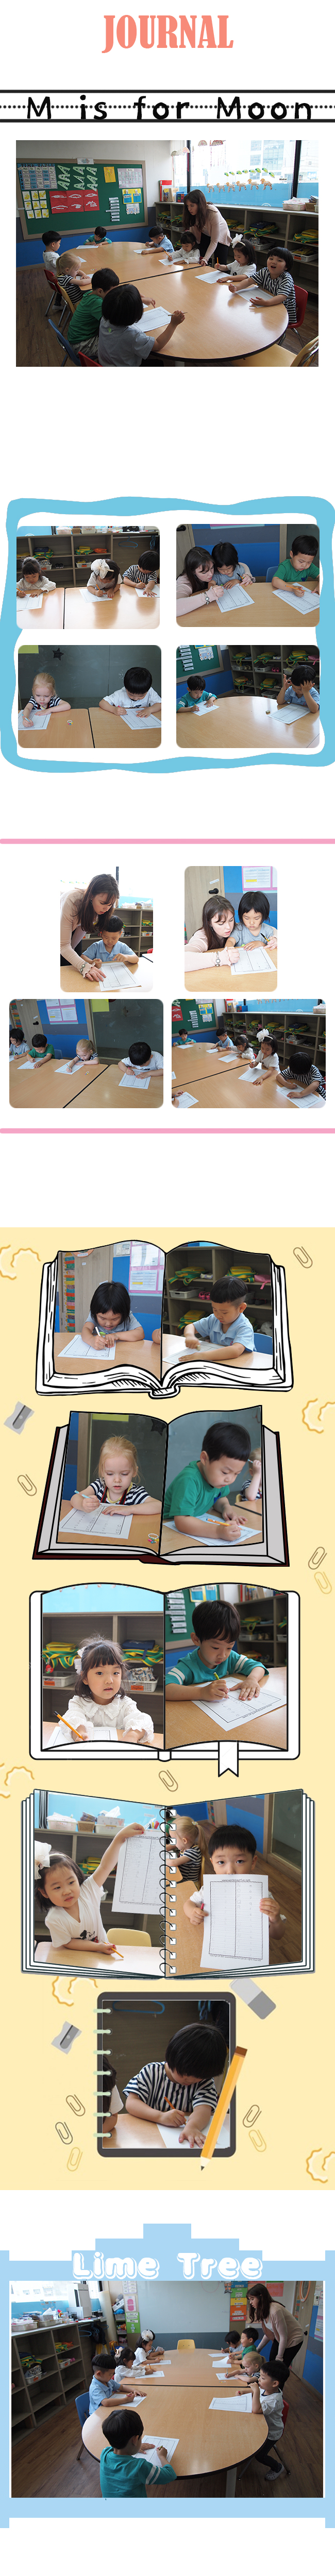 Journal_0530.jpg